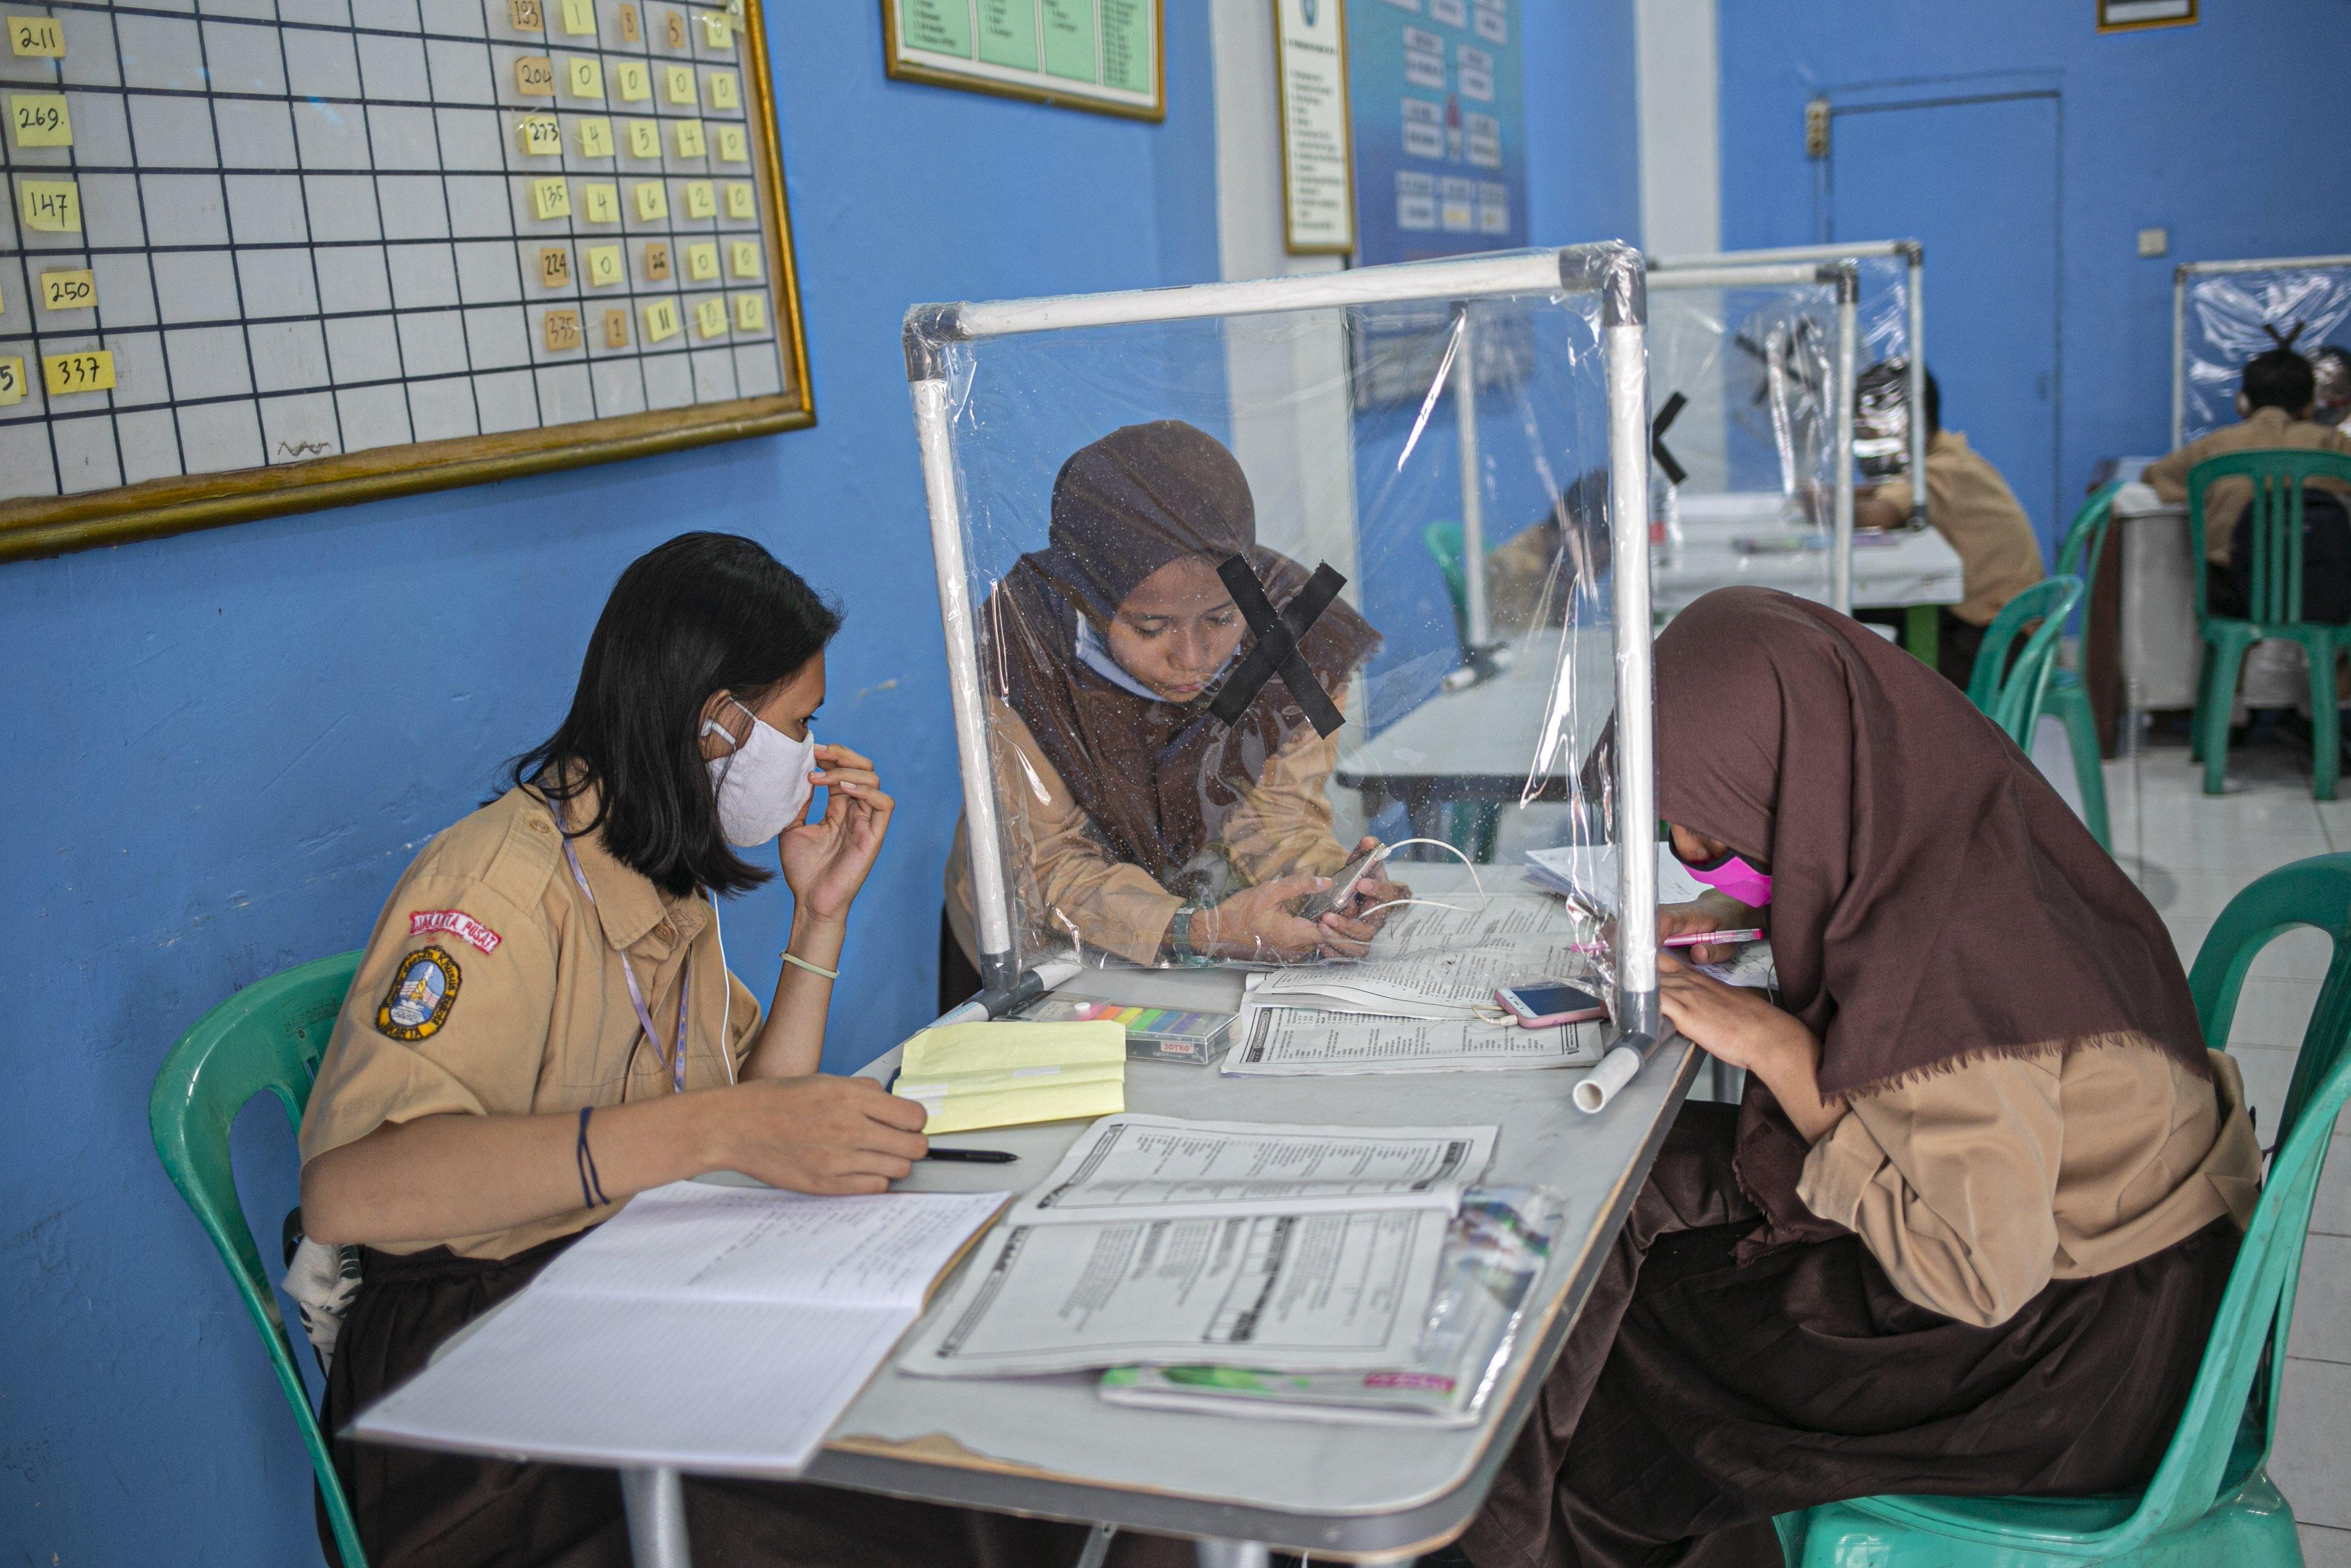 Sejumlah Pelajar dari berbagai tingkat sekolah mengikuti proses Pembelajaran Langsung Jarak Jauh (PLJJ) dengan memanfaatkan internet gratis dari Pemprov DKI Jakarta di Kantor Sekretariat warga, Kelurahan Galur, Johar Baru Jakarta Pusat.